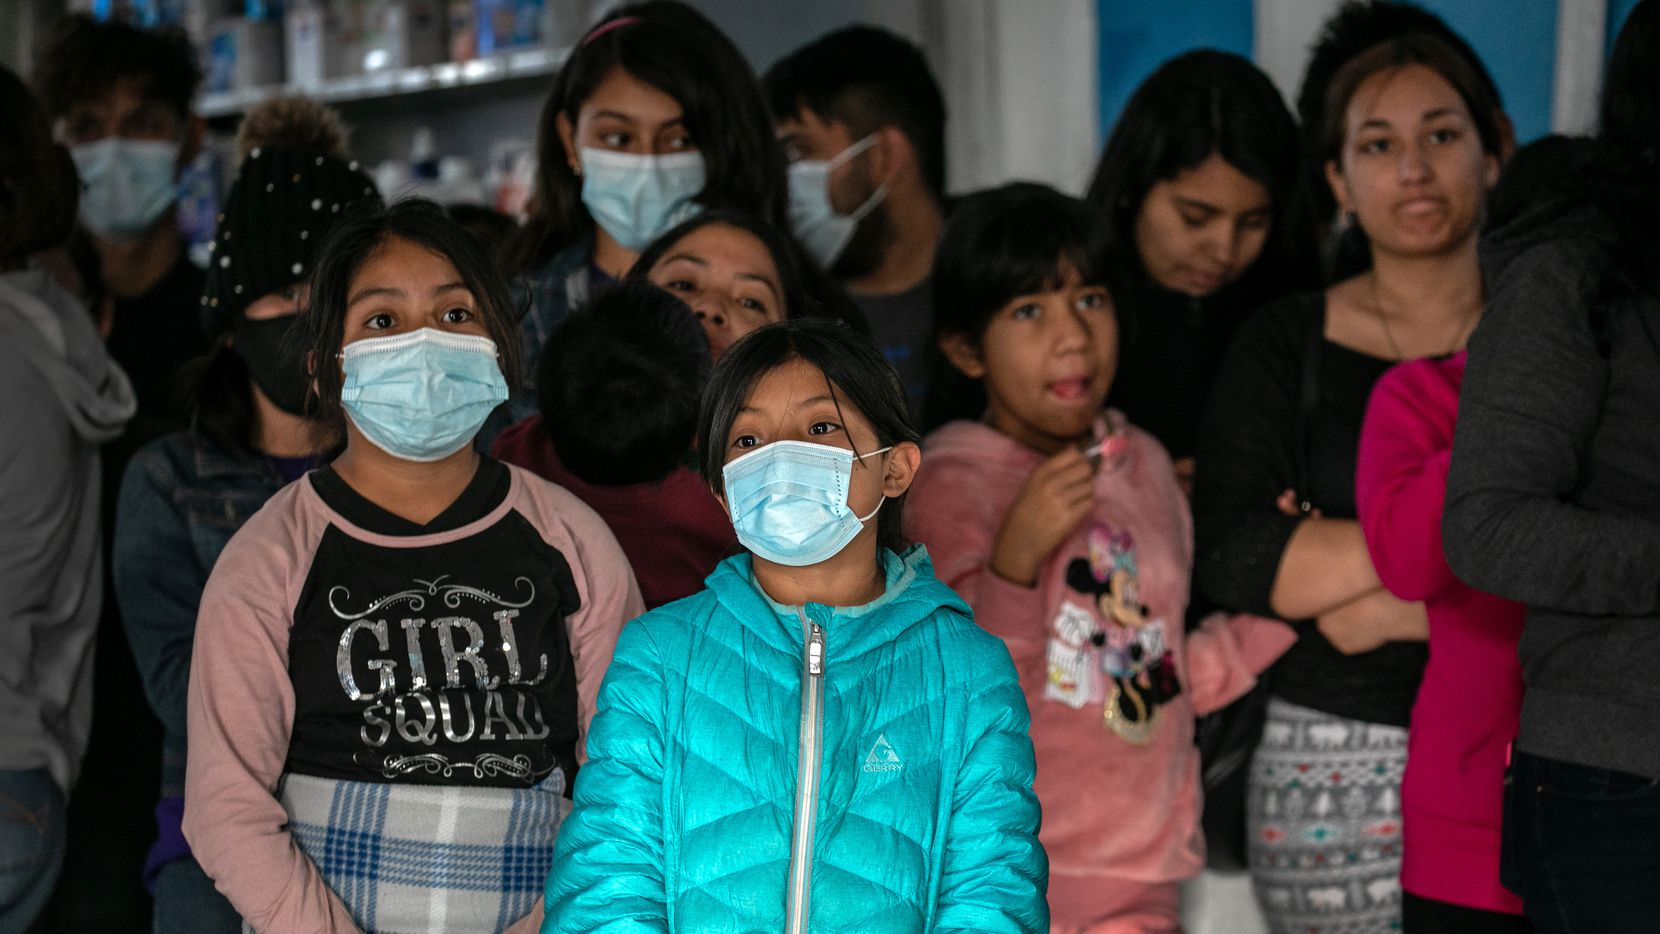 Fotografía del 16 de marzo que muestra a menores que intentan solicitar asilo en Estados Unidos reciben ayuda en un refugio en Ciudad Juárez.